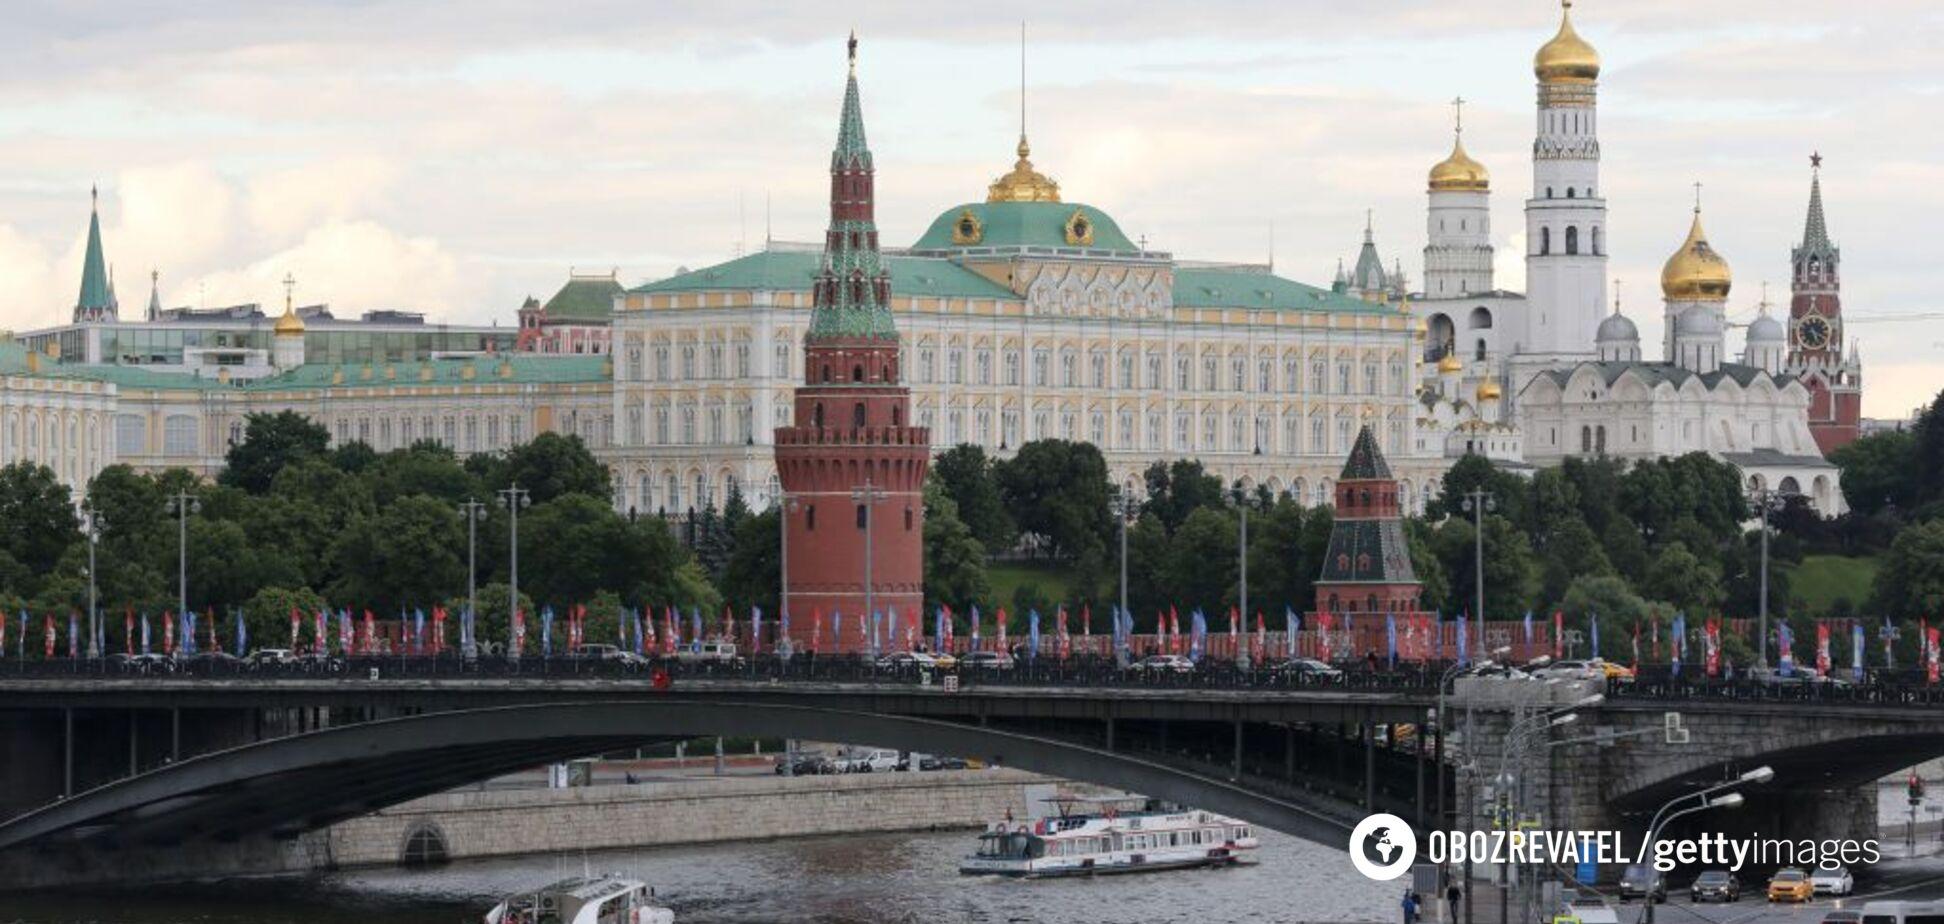 В Кремле готовят смену власти: инсайд